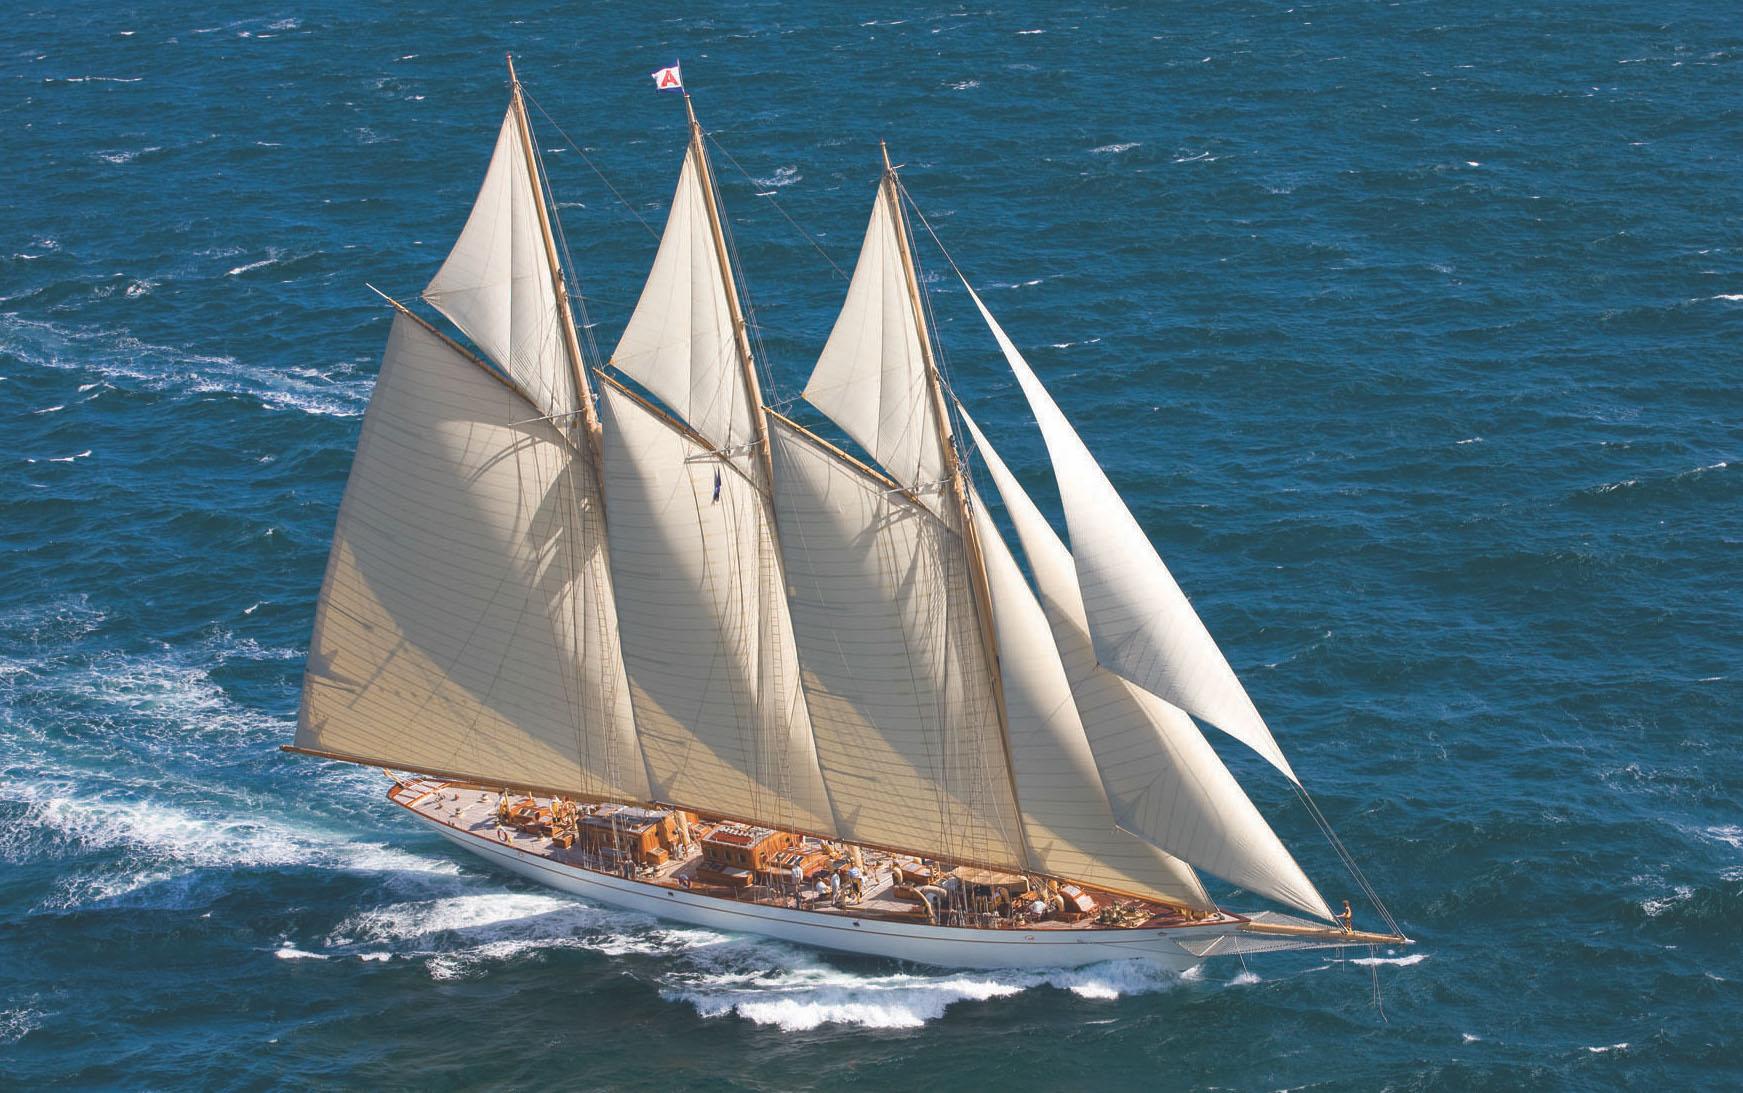 Sailing%20shot.jpg